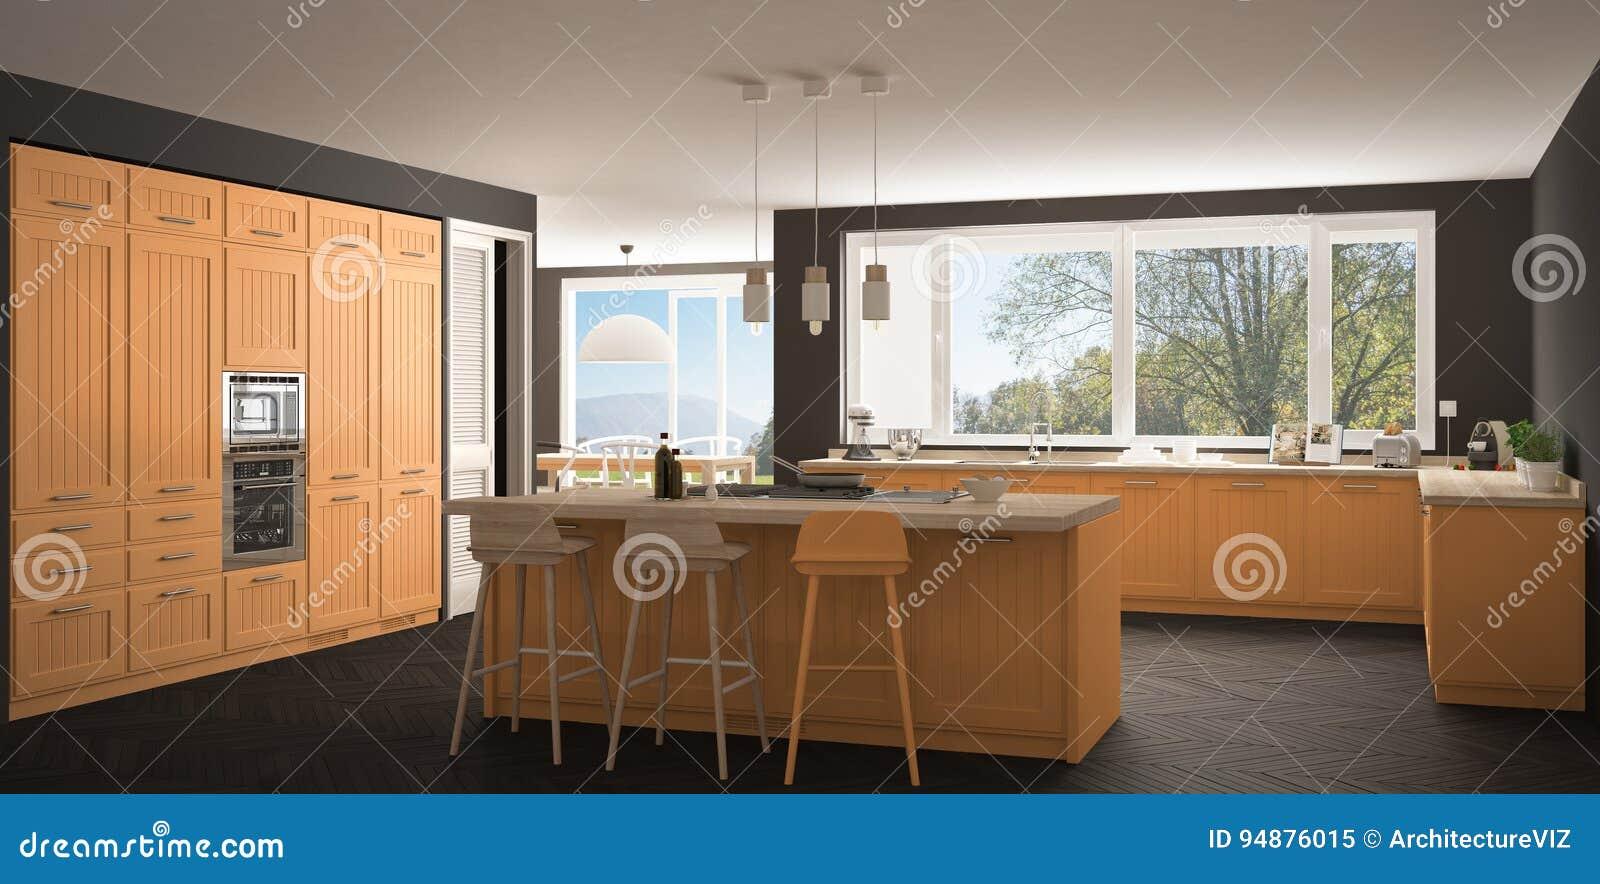 Cozinha Moderna Com Janelas Grandes Panorama Gr Cl Ssica De